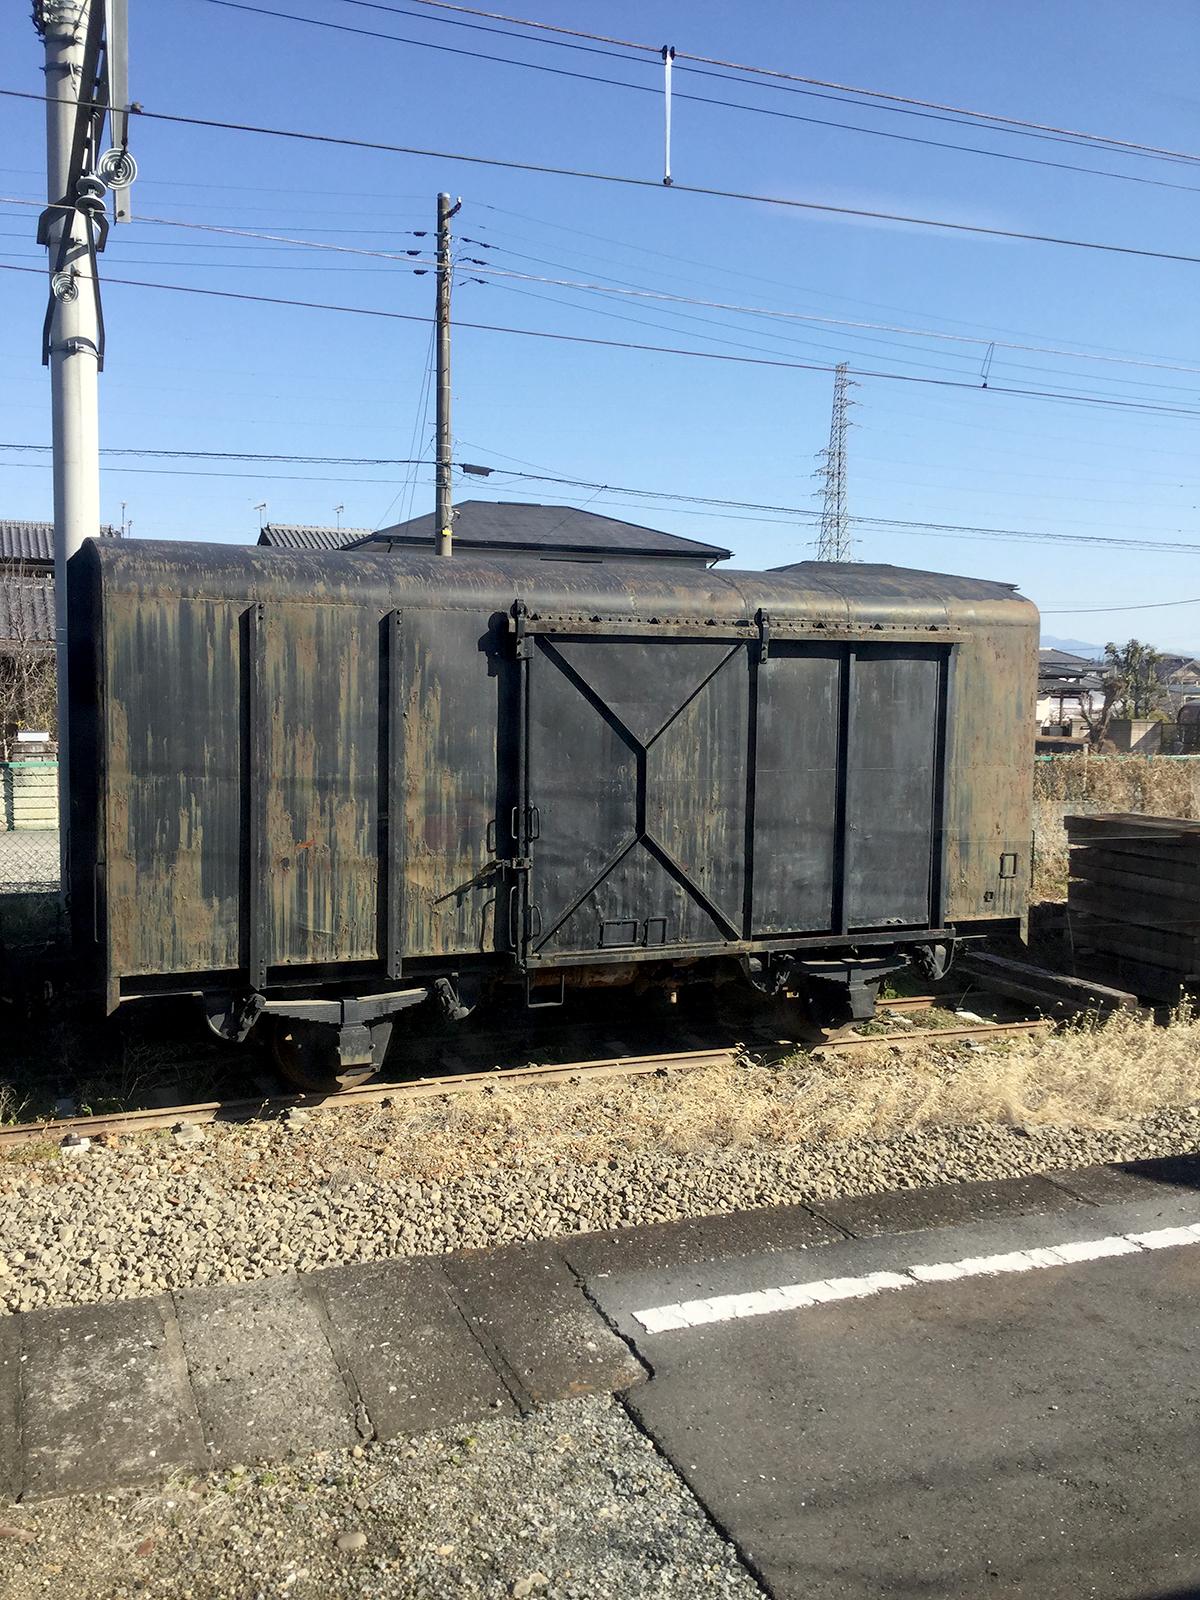 群馬県上信電鉄のとある駅にあった貨車